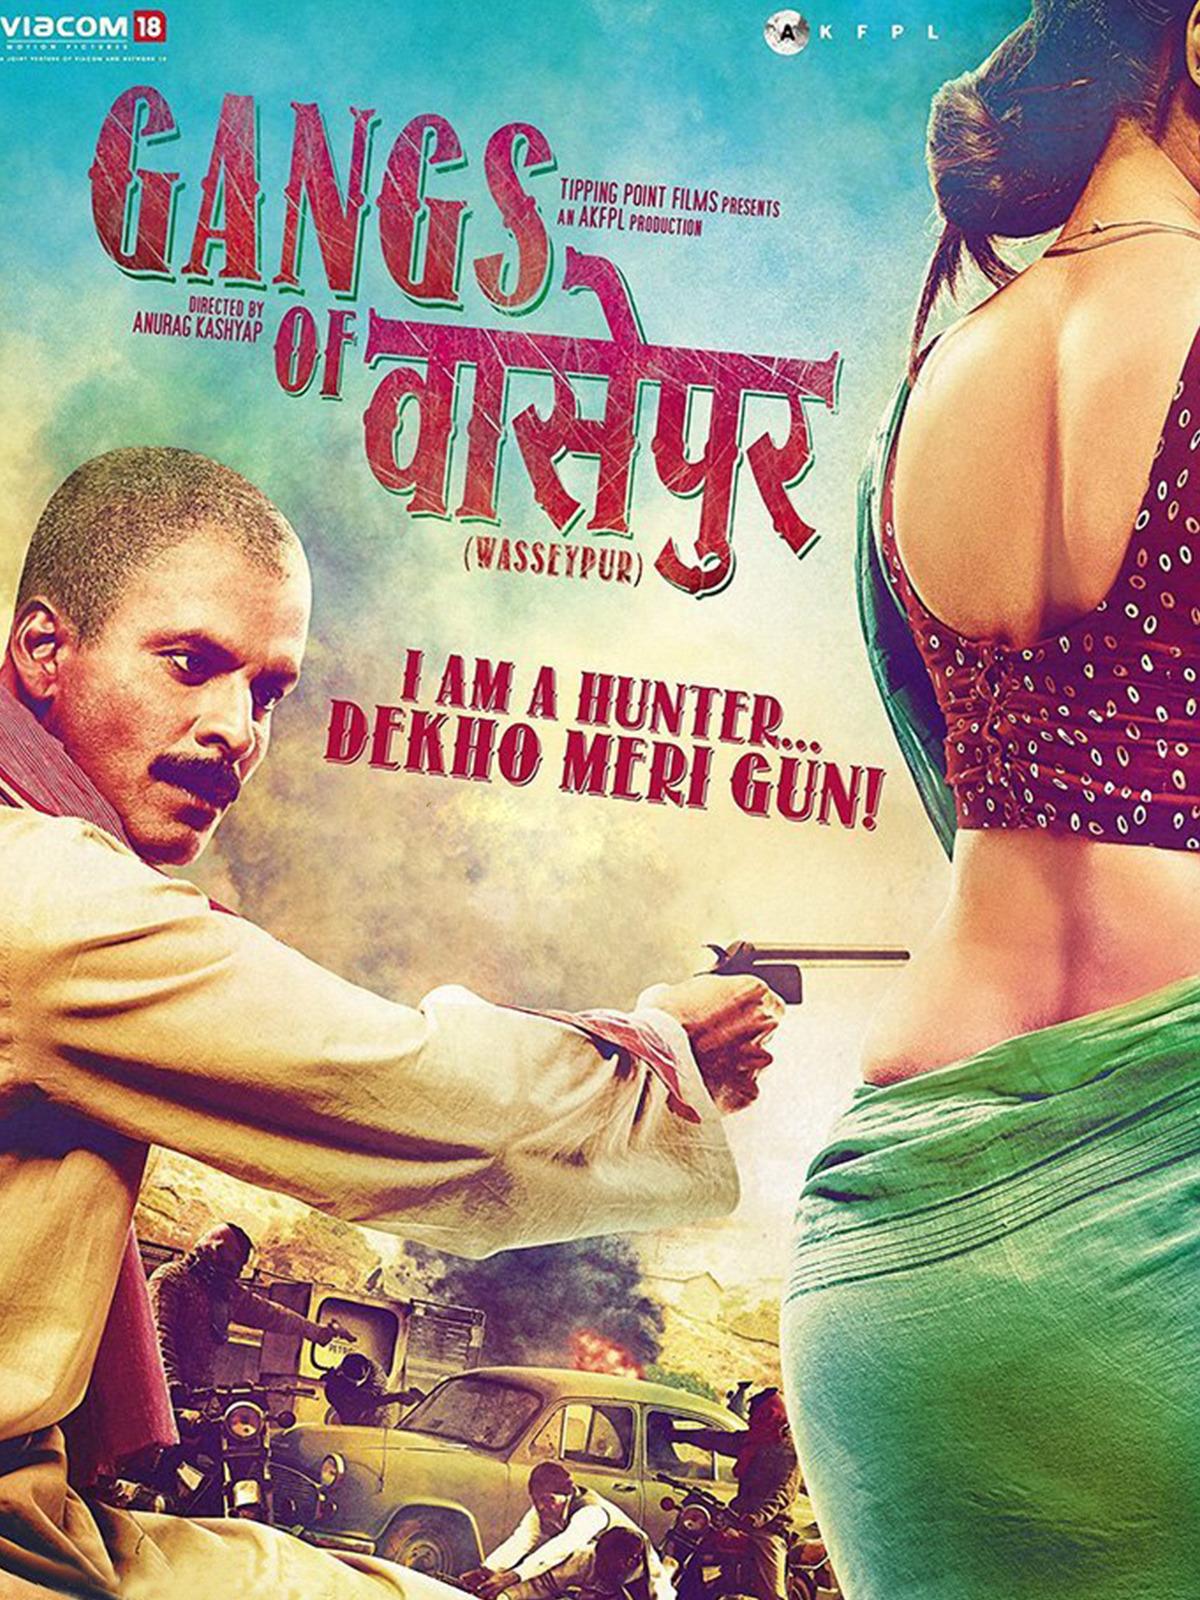 Prime Video: Gangs of Wasseypur Part 1